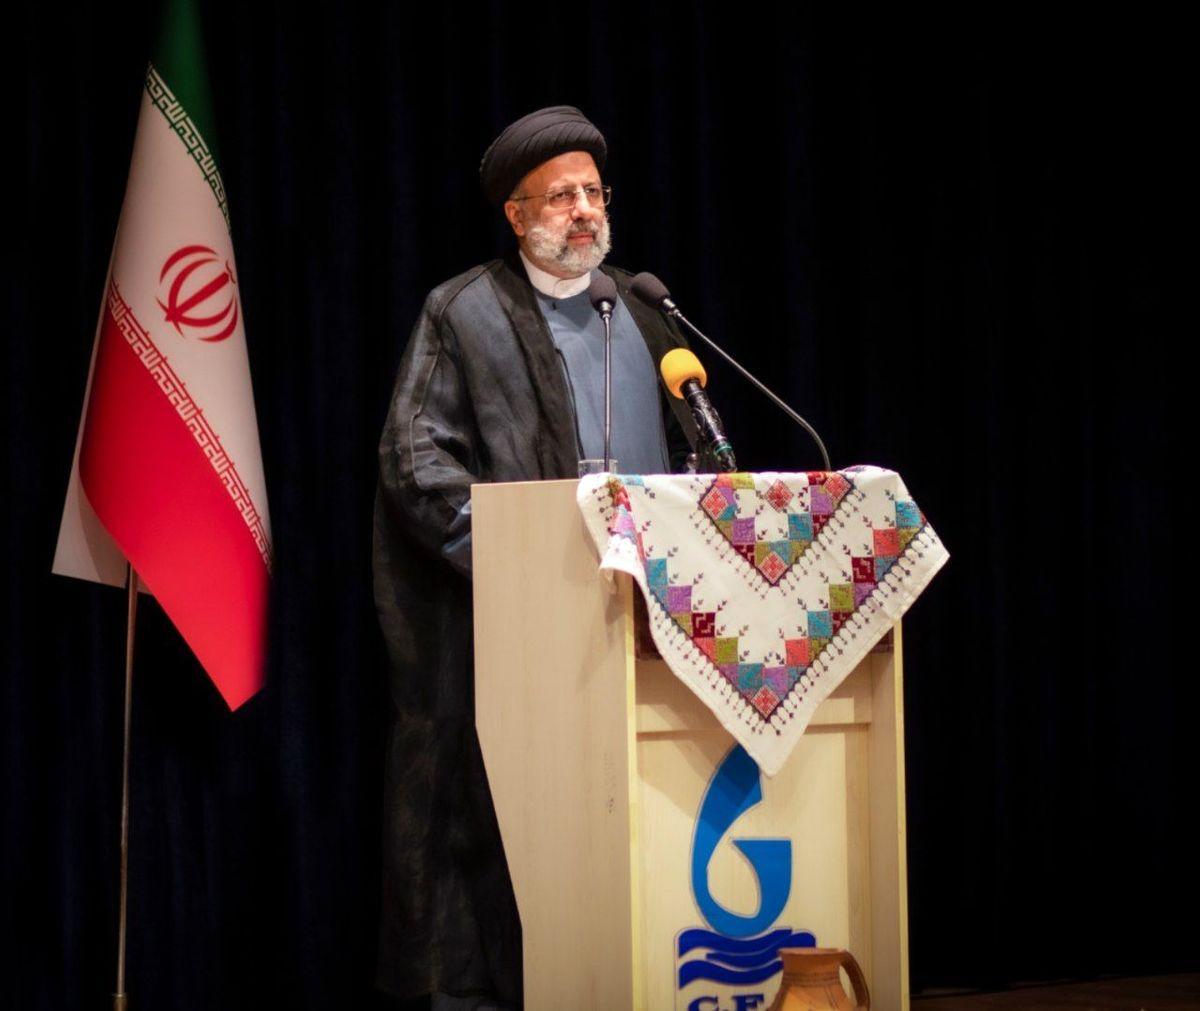 سواحل مکران؛ بهترین منطقه برای حضور ایرانیان خارج از کشور